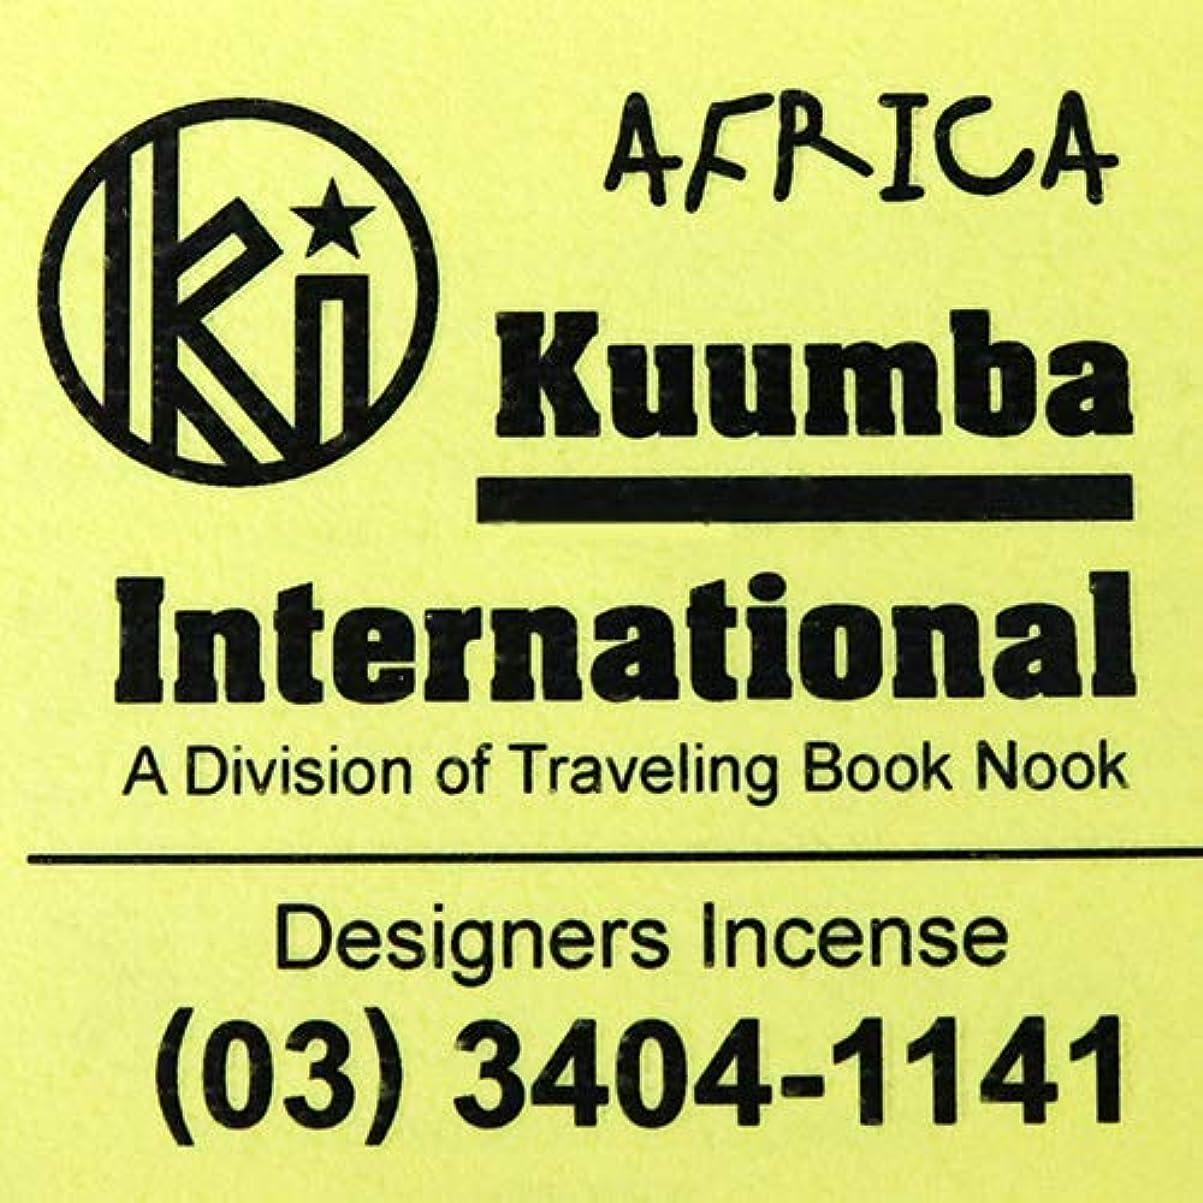 気づくフィクションコーチ(クンバ) KUUMBA『incense』(AFRICA) (AFRICA, Regular size)